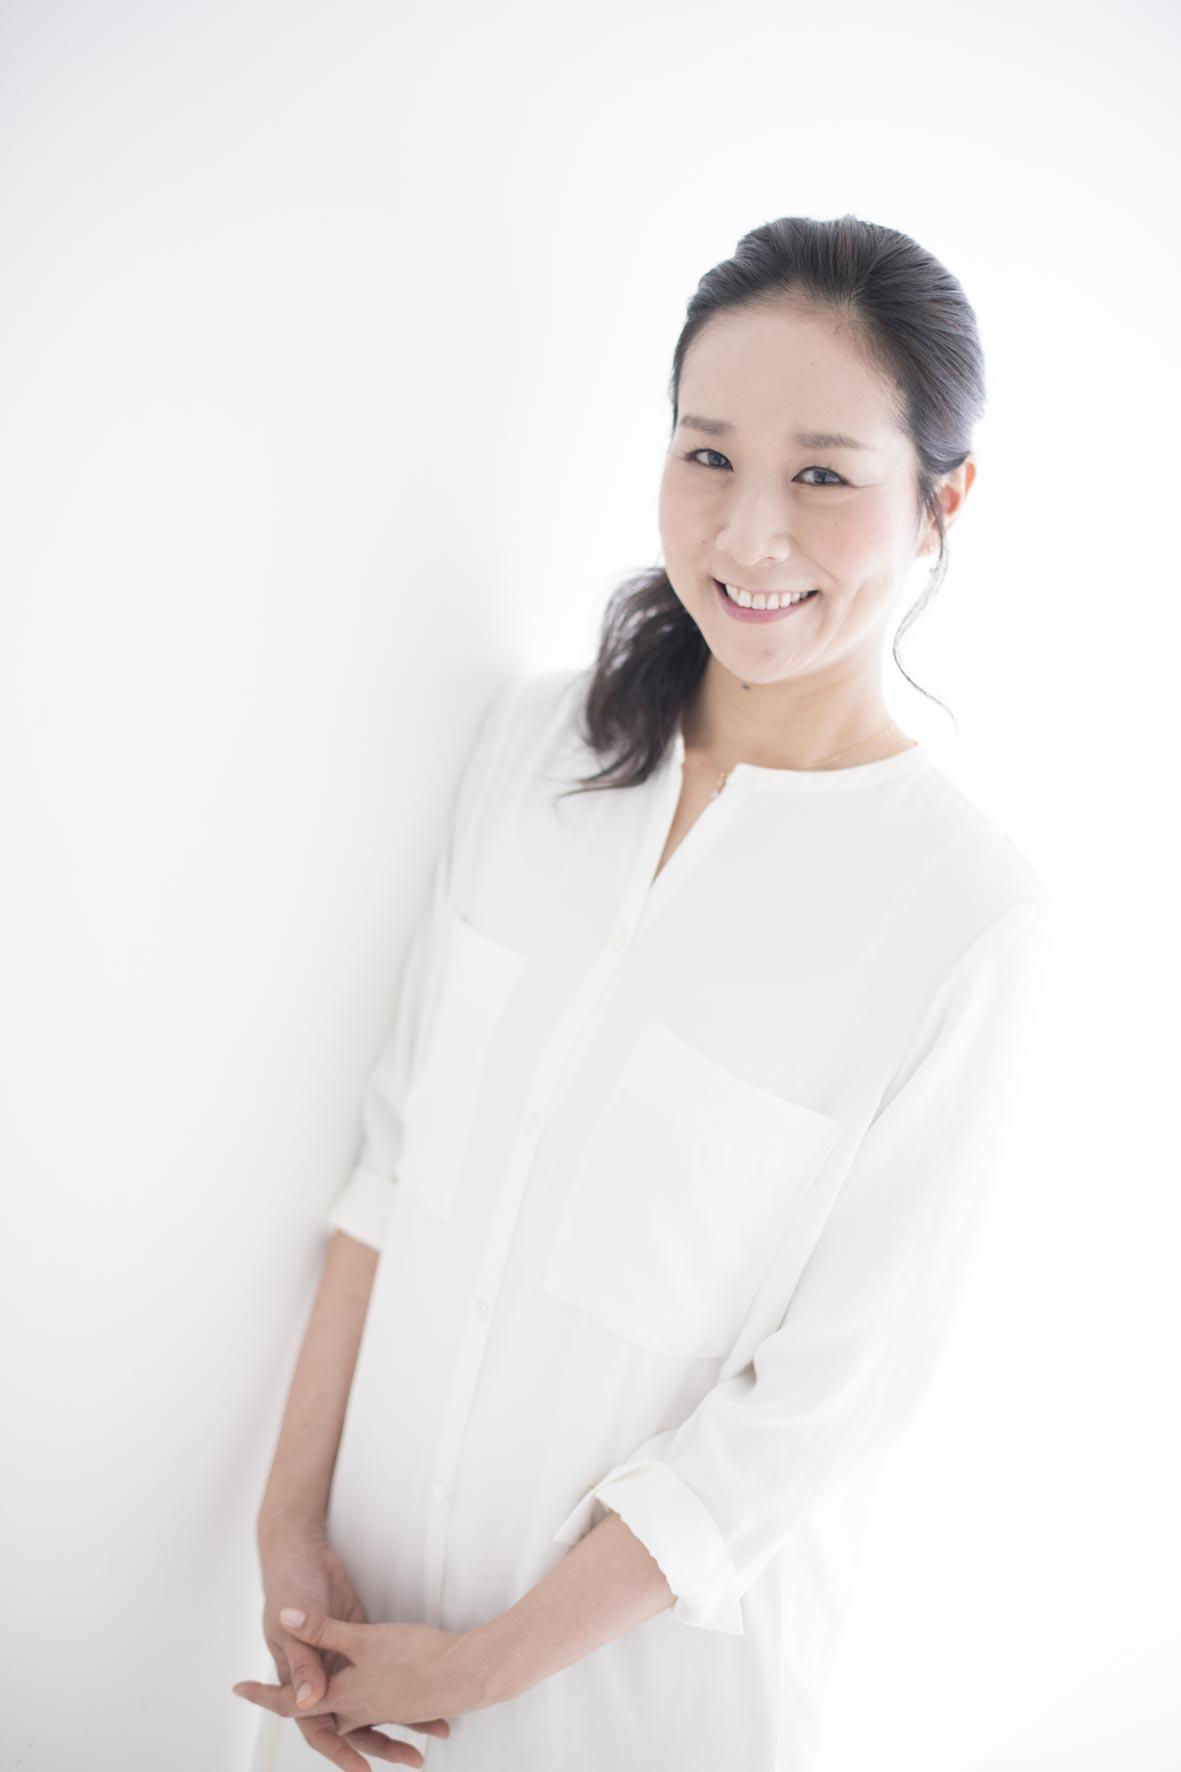 元東京パフォーマンスドール・大藤史、12年ぶりのニューアルバム『shizuku』発売決定